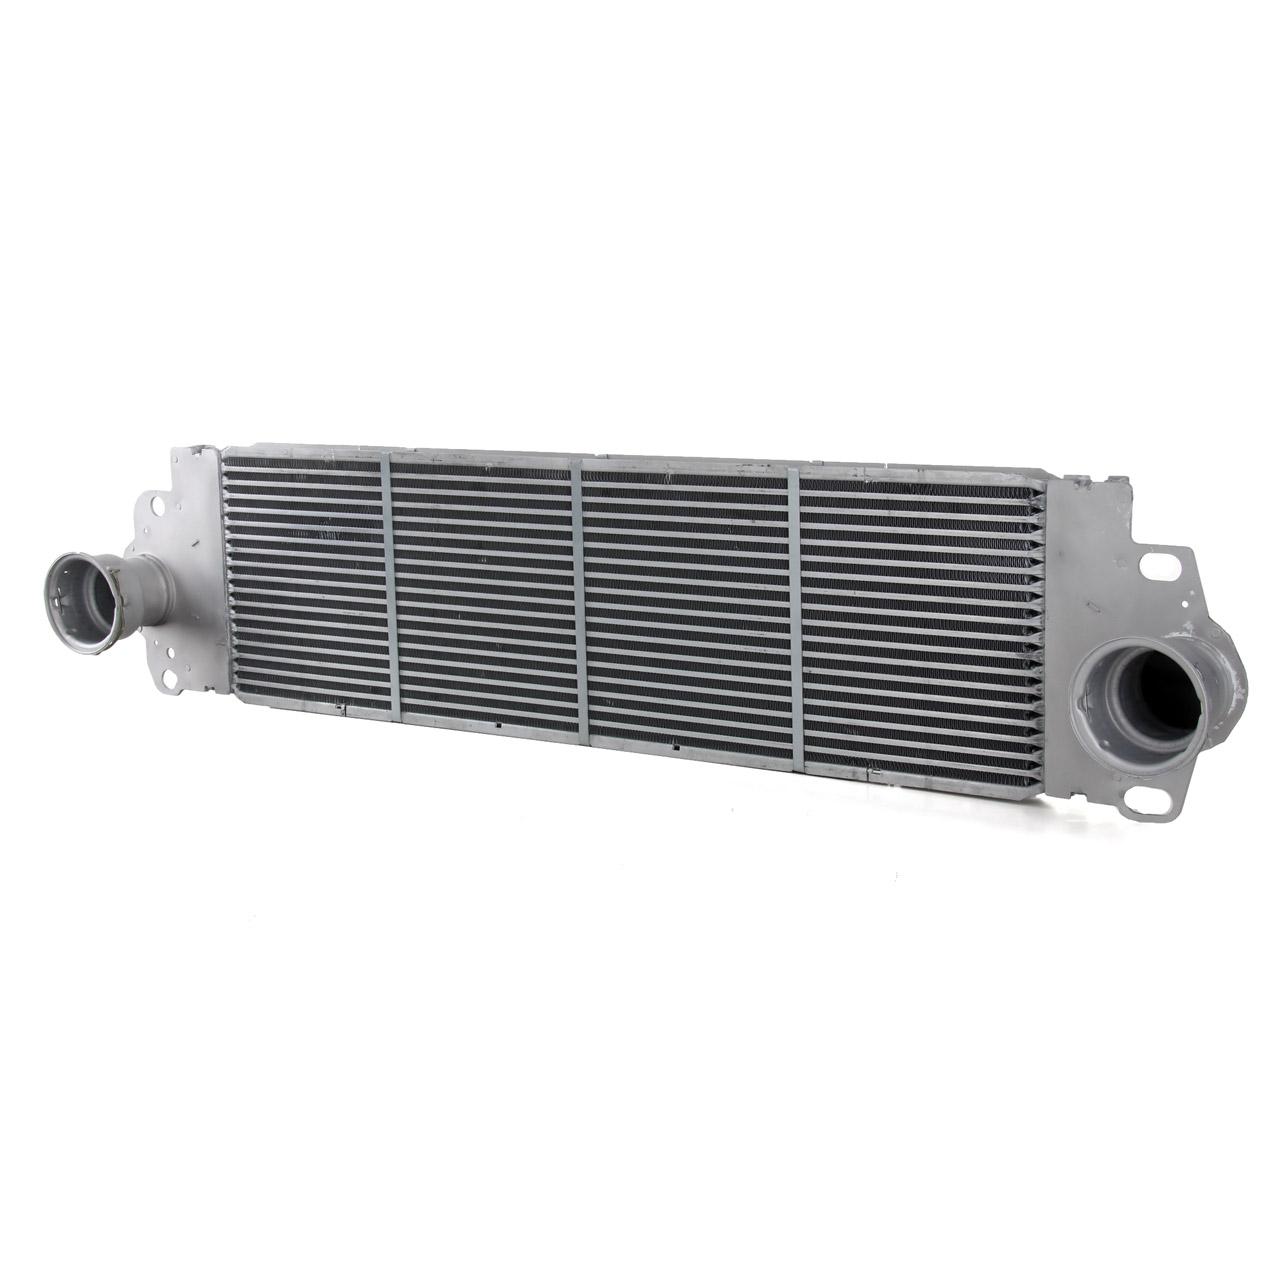 NRF 30354 Ladeluftkühler Kühler VW Transporter Multivan T5 T6 1.9/2.0/2.5 TDI 7E0145804B